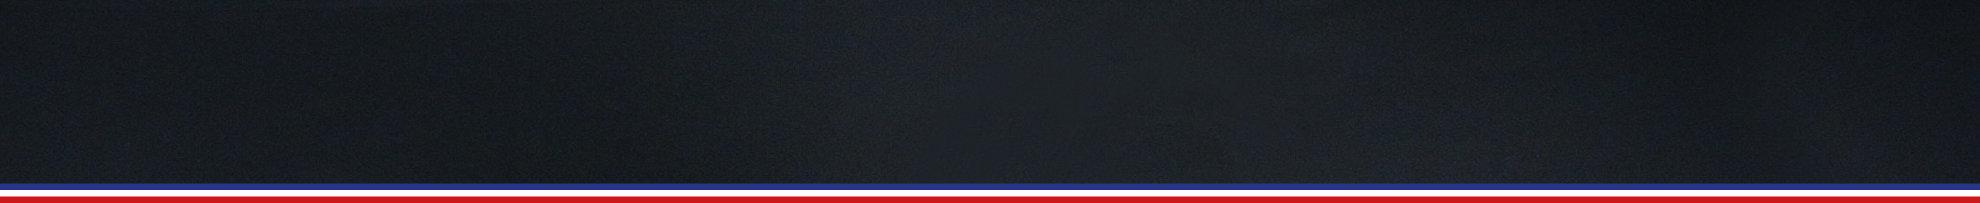 Banière Noire.jpg